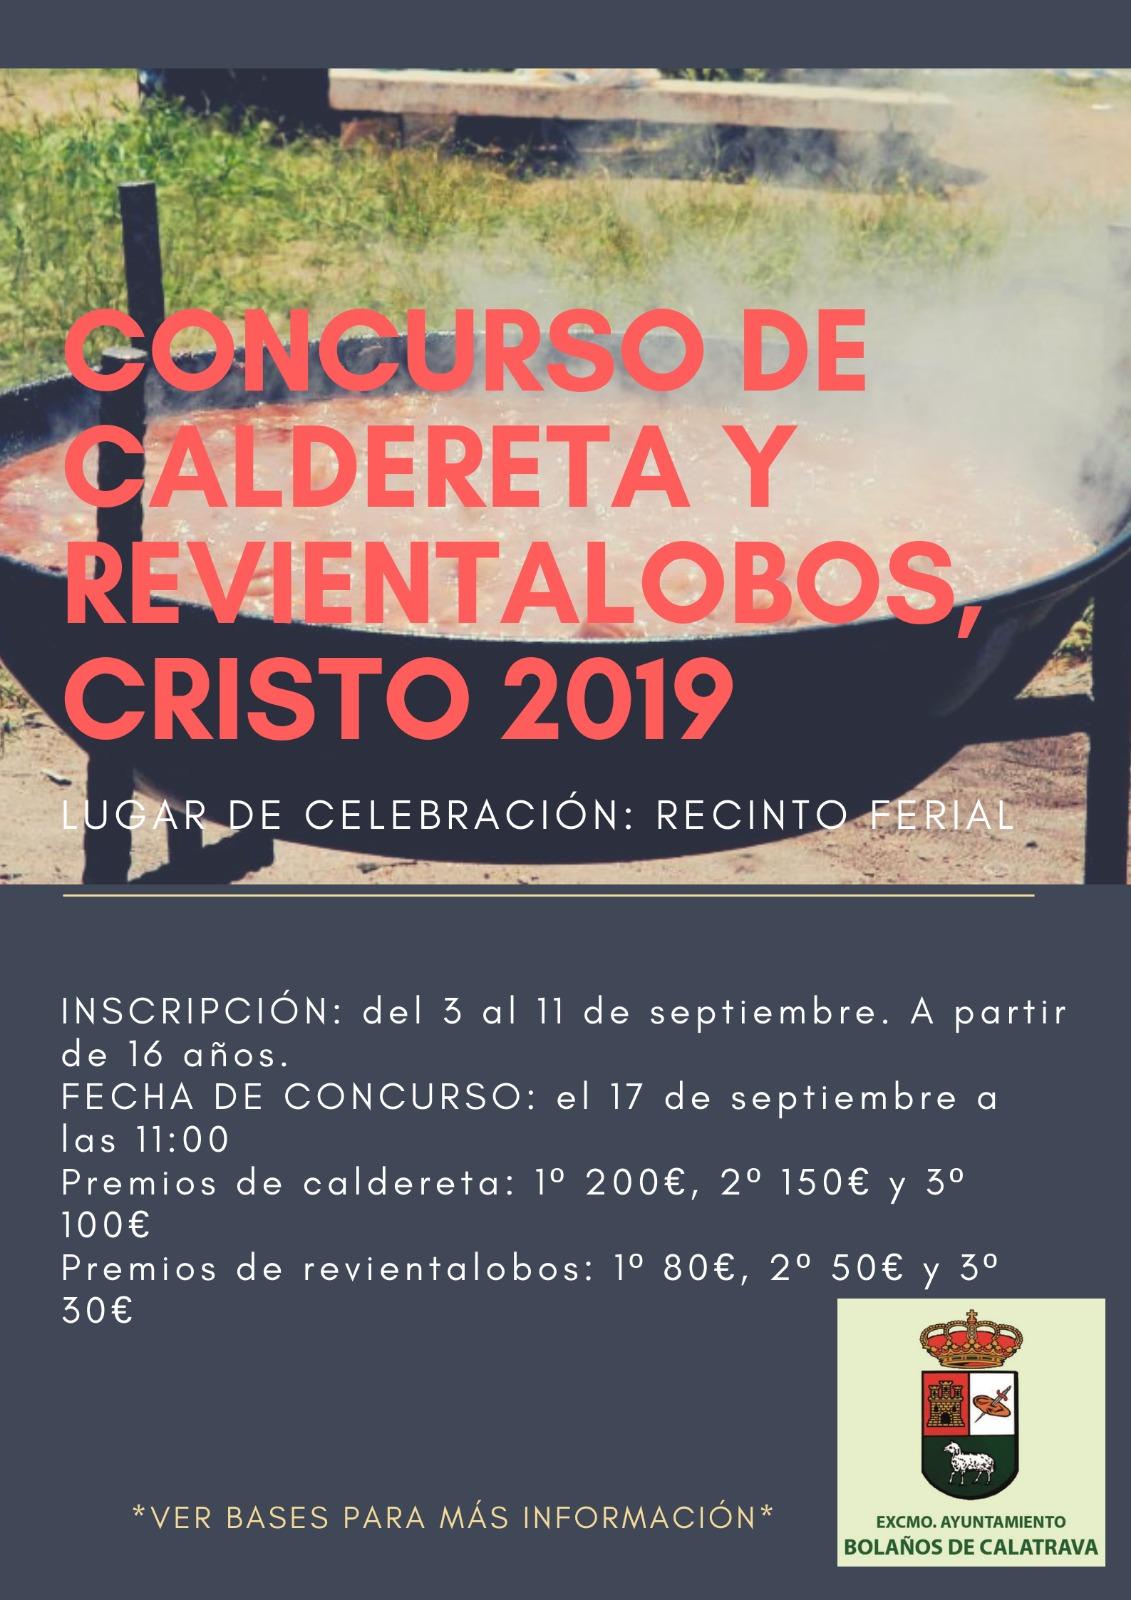 CONCURSO CALDERETA Y REVIENTALOBOS CRISTO 2019